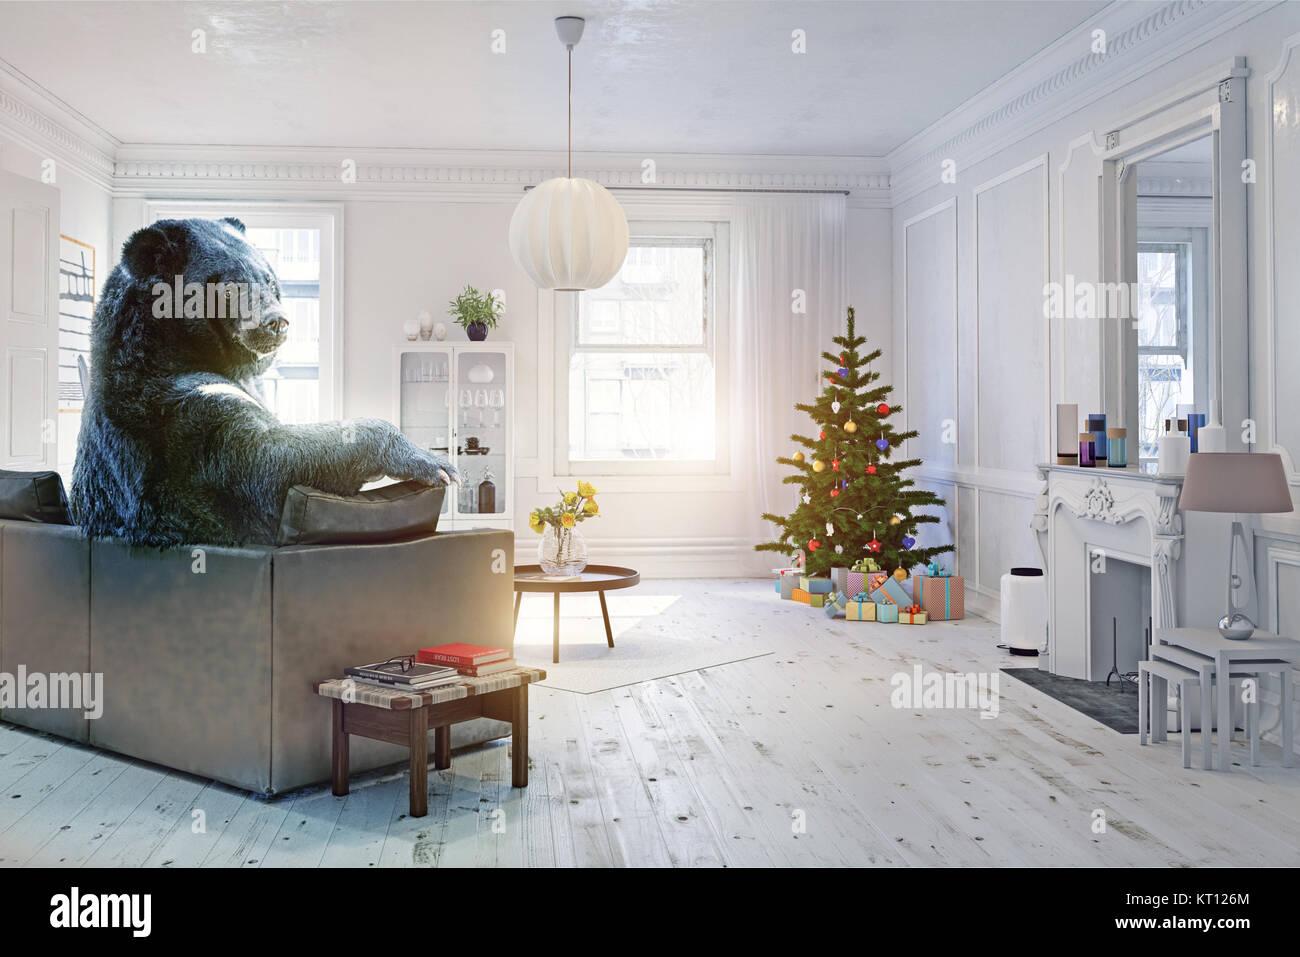 L'orso rilassante nella celebrazione di Natale camera decorata sul divano. Illustrazione creativa. Foto CG e Immagini Stock